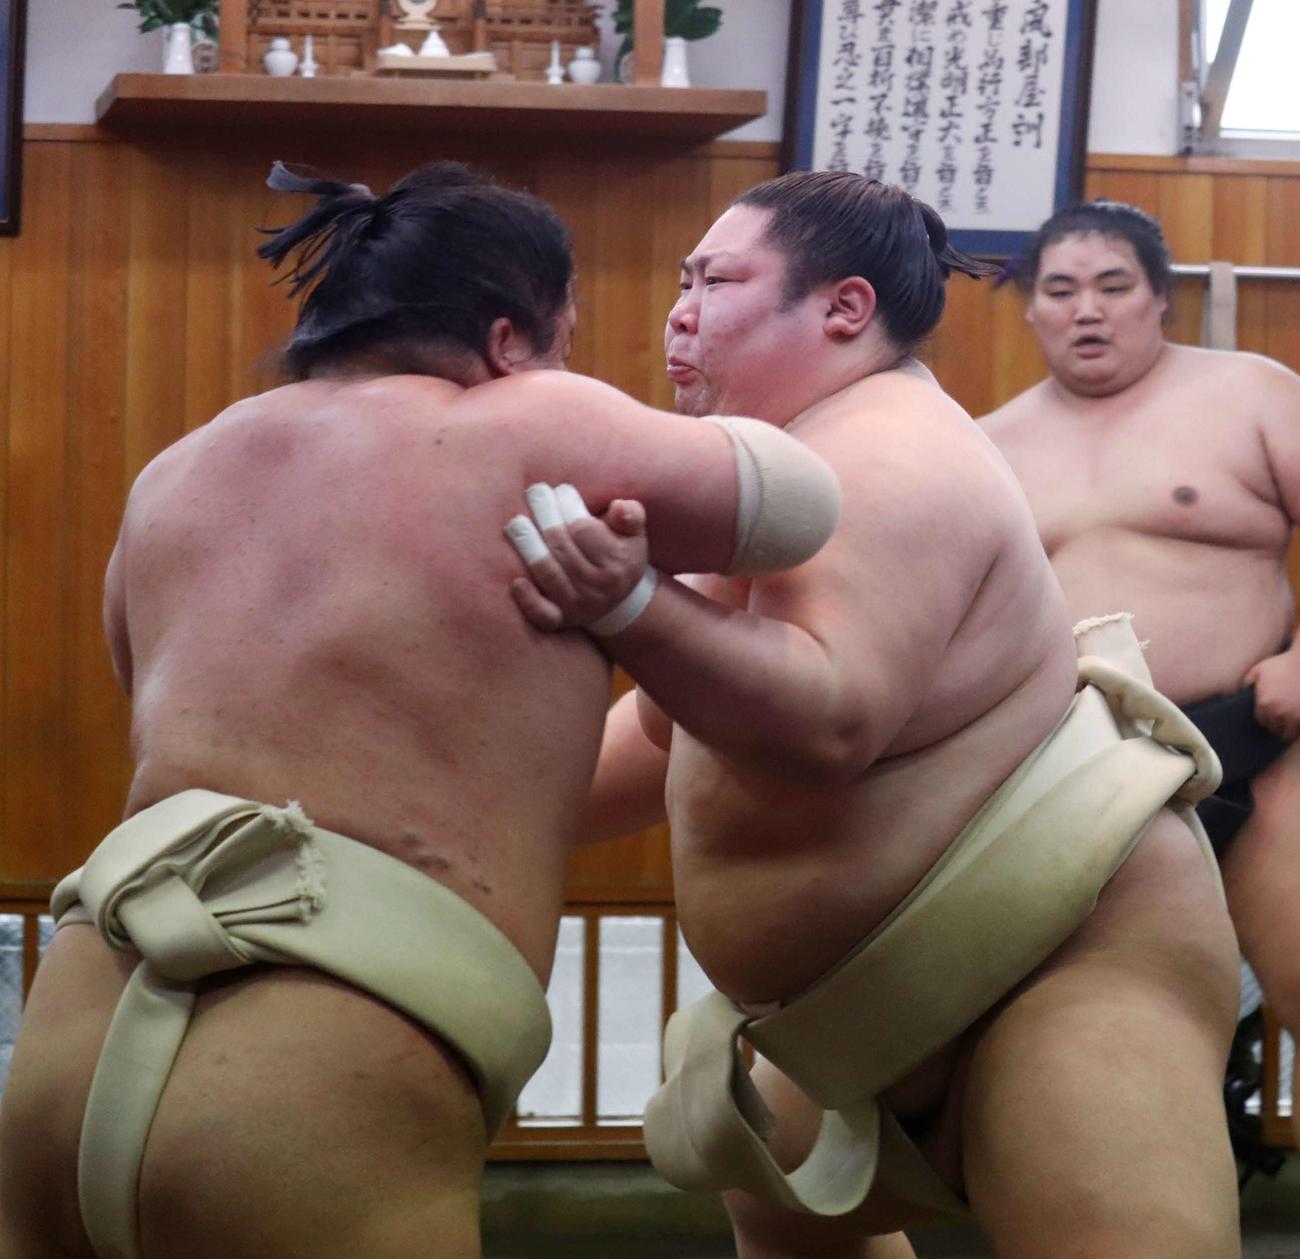 関取衆と相撲を取る剣翔(日本相撲協会提供)